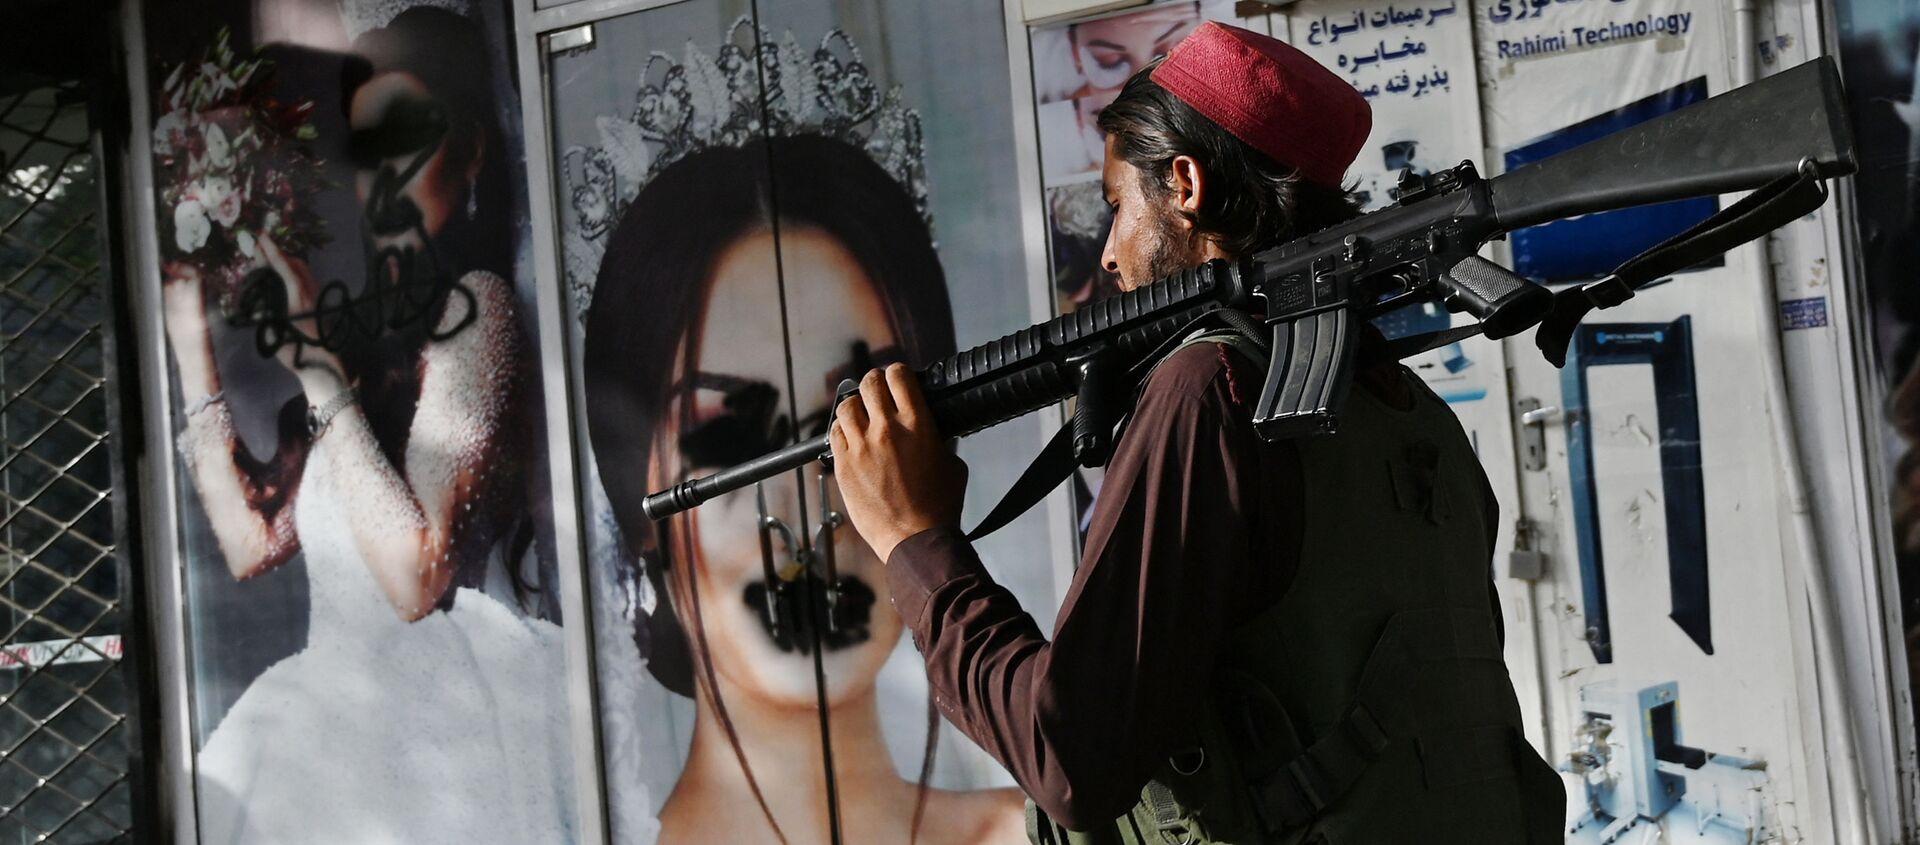 Боевик Талибана* у салона красоты с изображениями женщин, испачканных аэрозольной краской, в Шахр-э Нау в Кабуле - Sputnik Абхазия, 1920, 02.09.2021